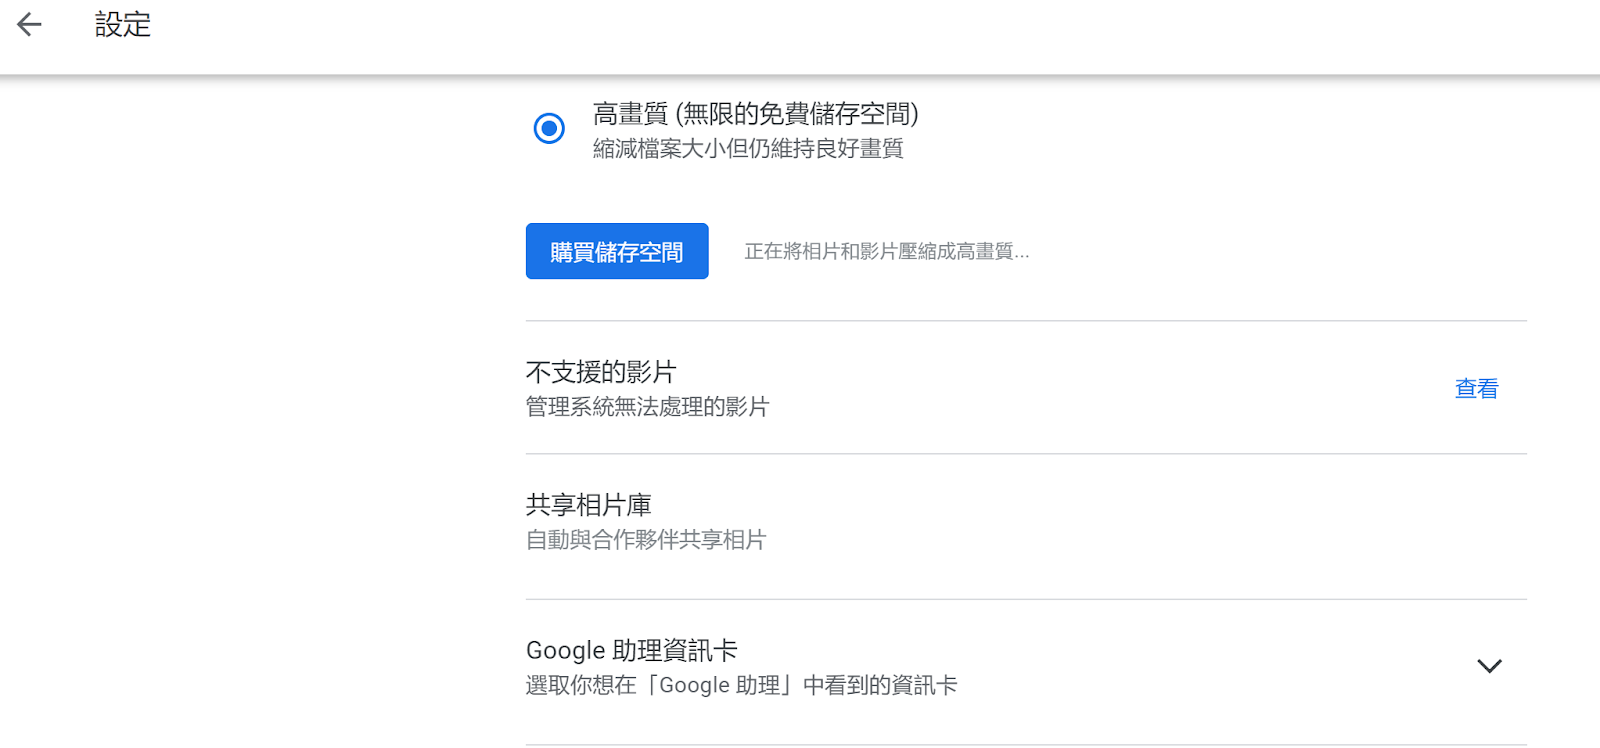 Google 相册账号更换及数据转移